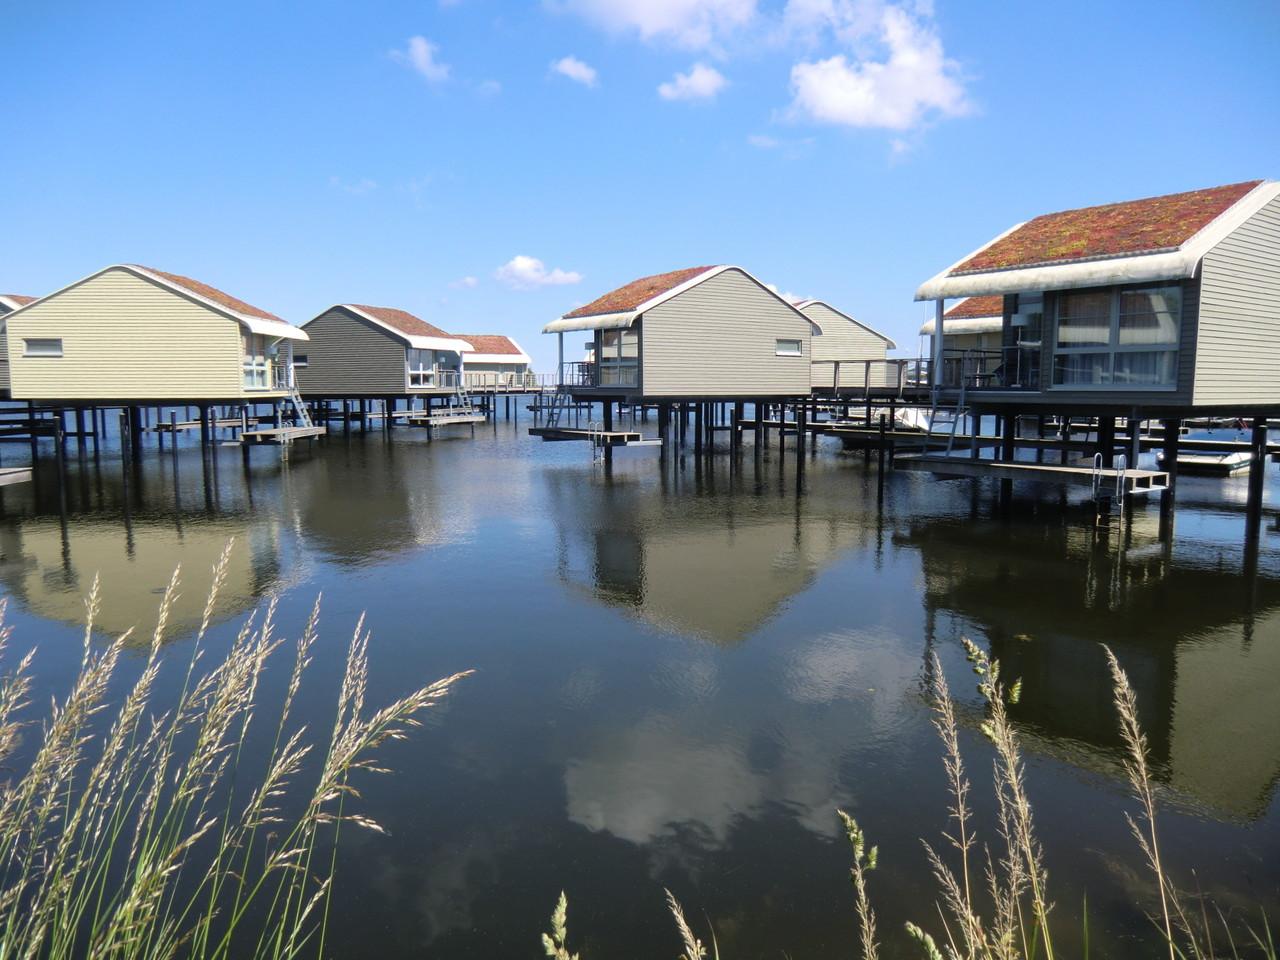 Ferienhäuser im Wasser